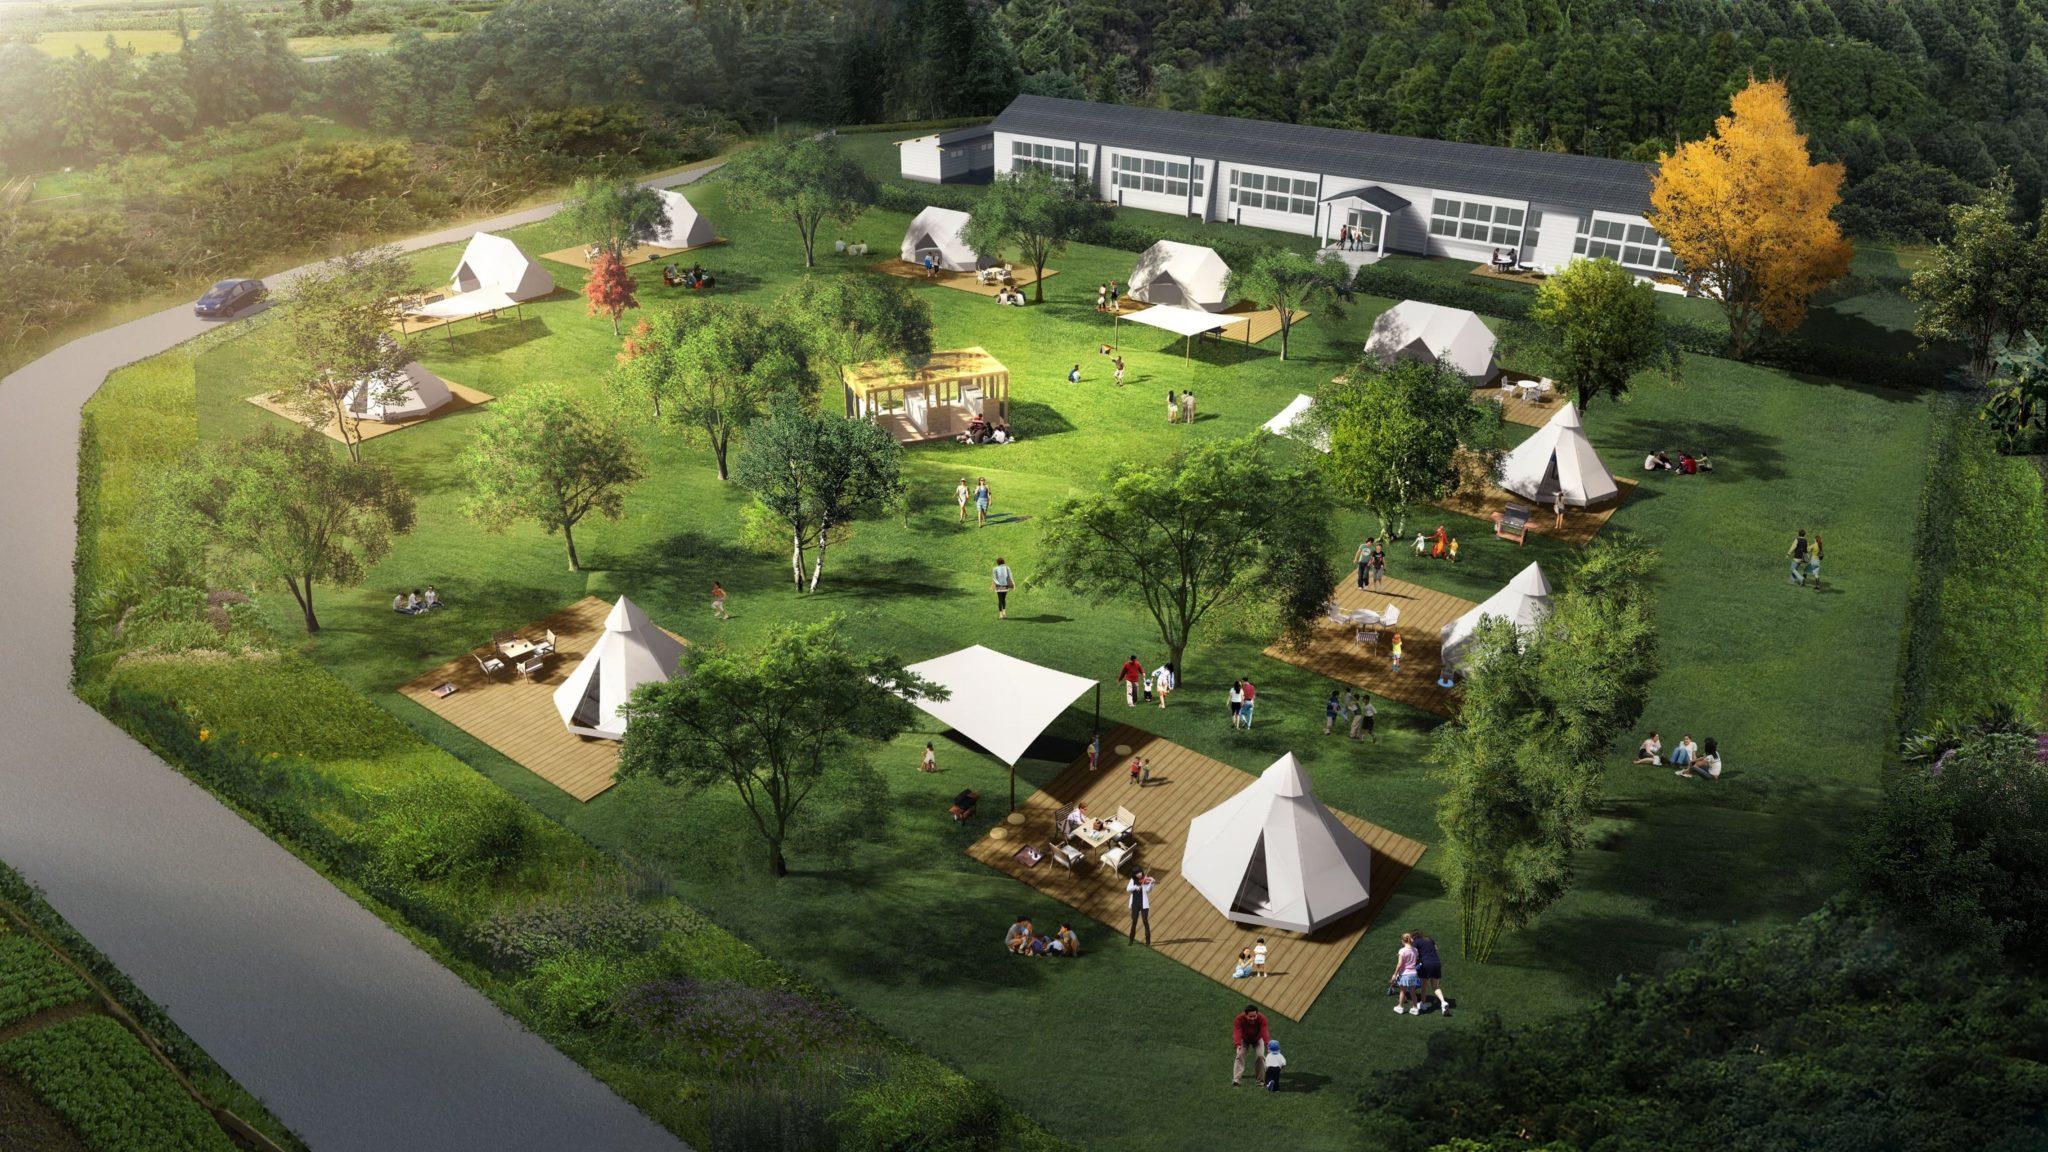 ฟูจิตะ คันโกะ Nordisk Village Goto Islands เปิดให้สำรองห้องพักแล้ววันนี้ 13 -